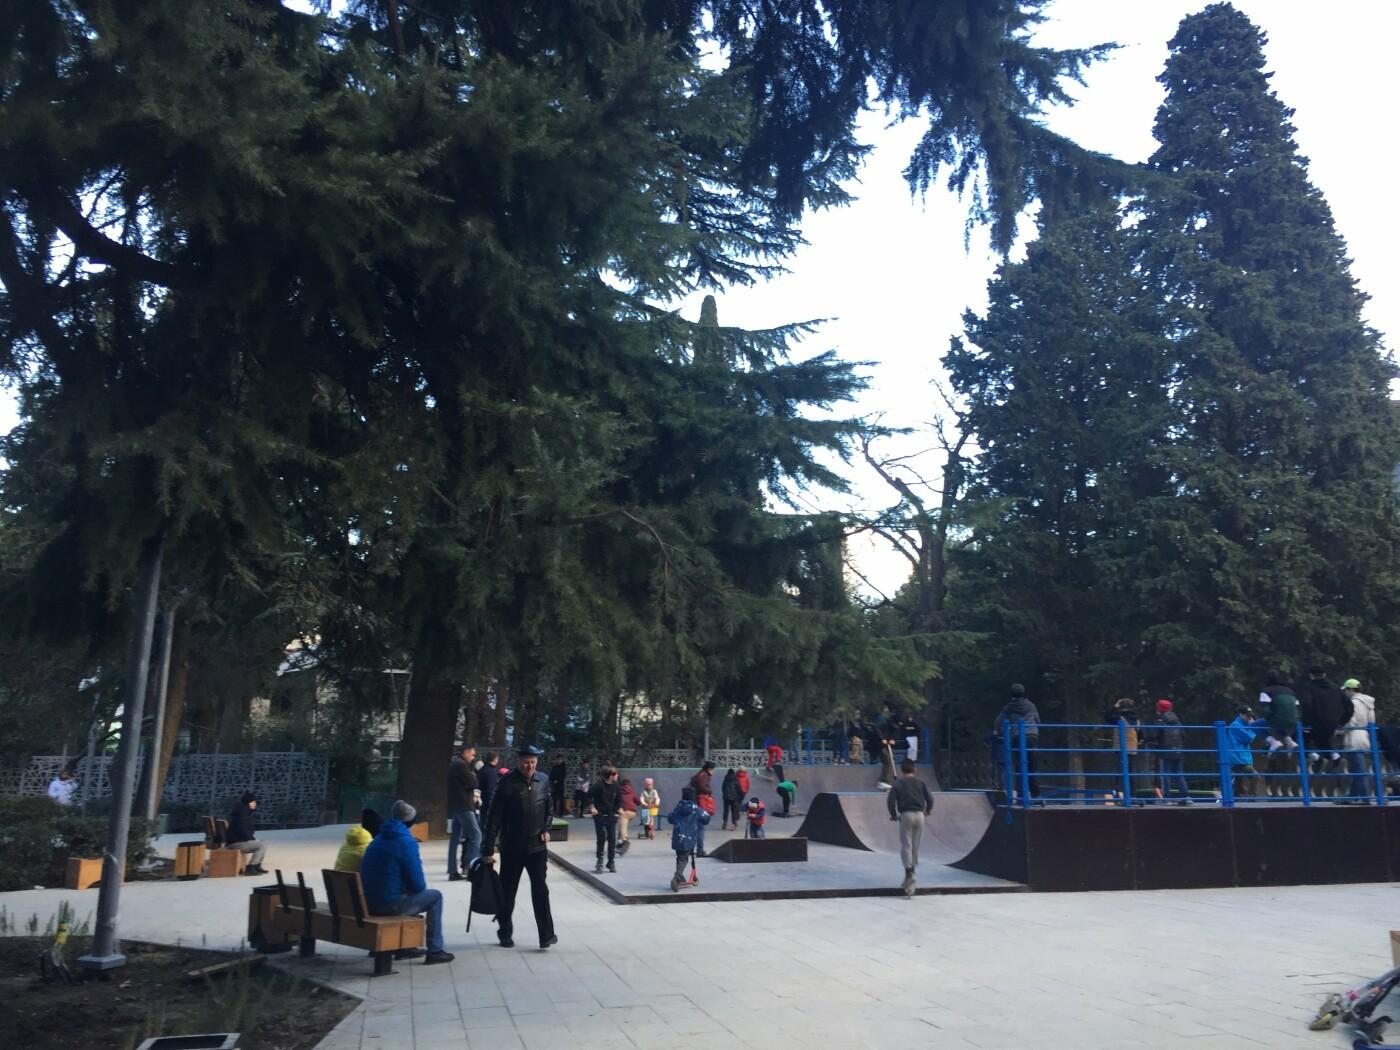 В Ялте официально открыли Пионерский парк после капитального ремонта: позже и с недоделками, фото-3